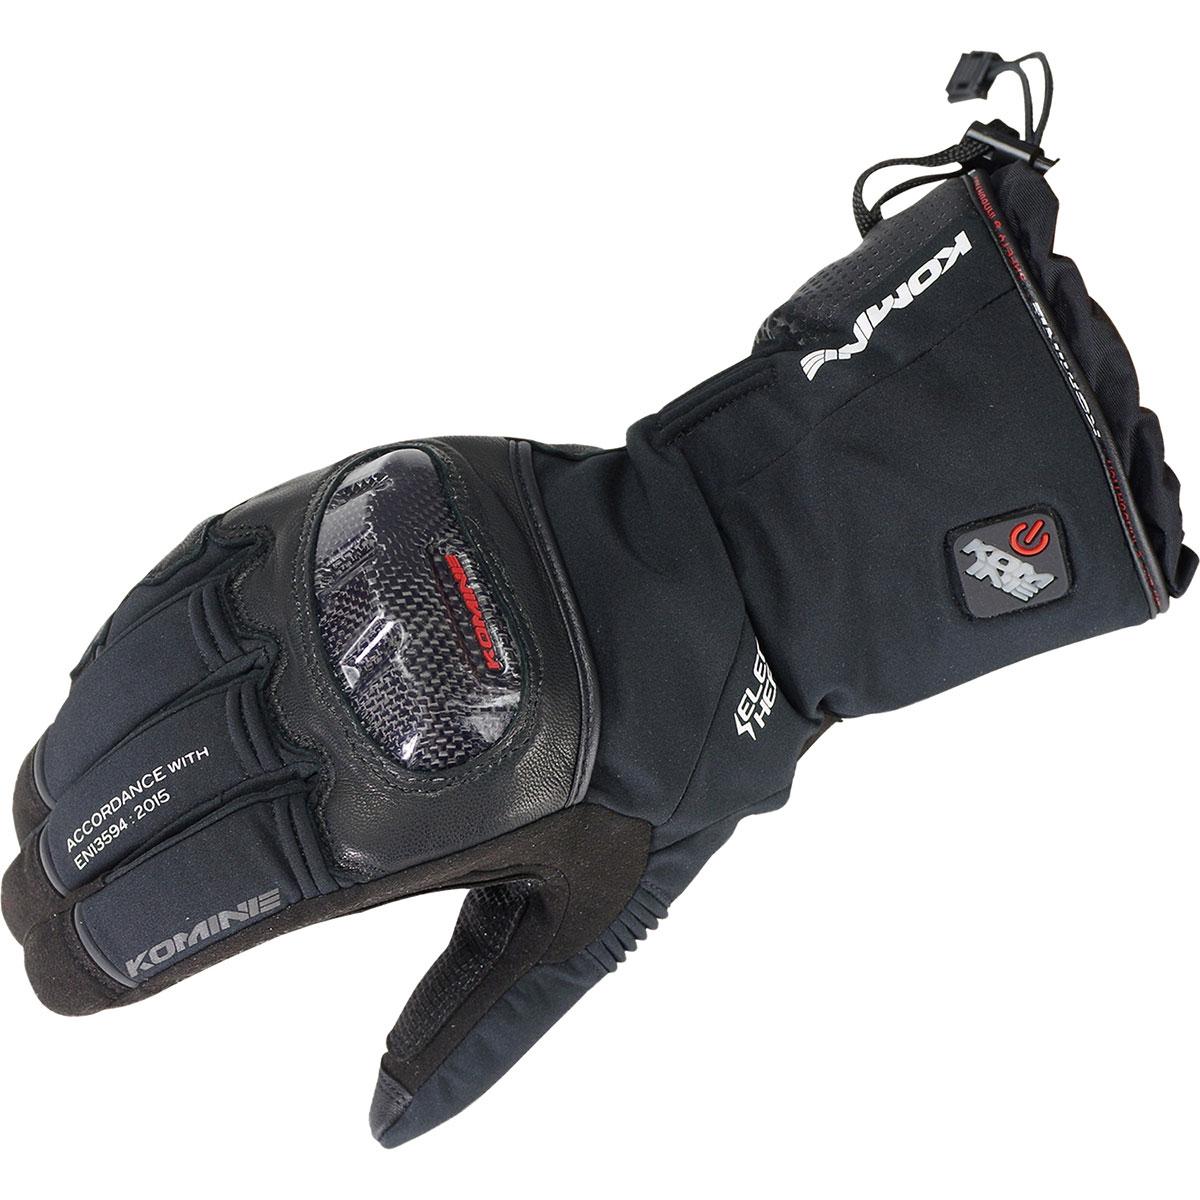 コミネ KOMINE バイク カーボンプロテク トエレクトリックグローブ 手袋 電熱 発熱 防寒 BLACK 3XL 08-200 EK-200